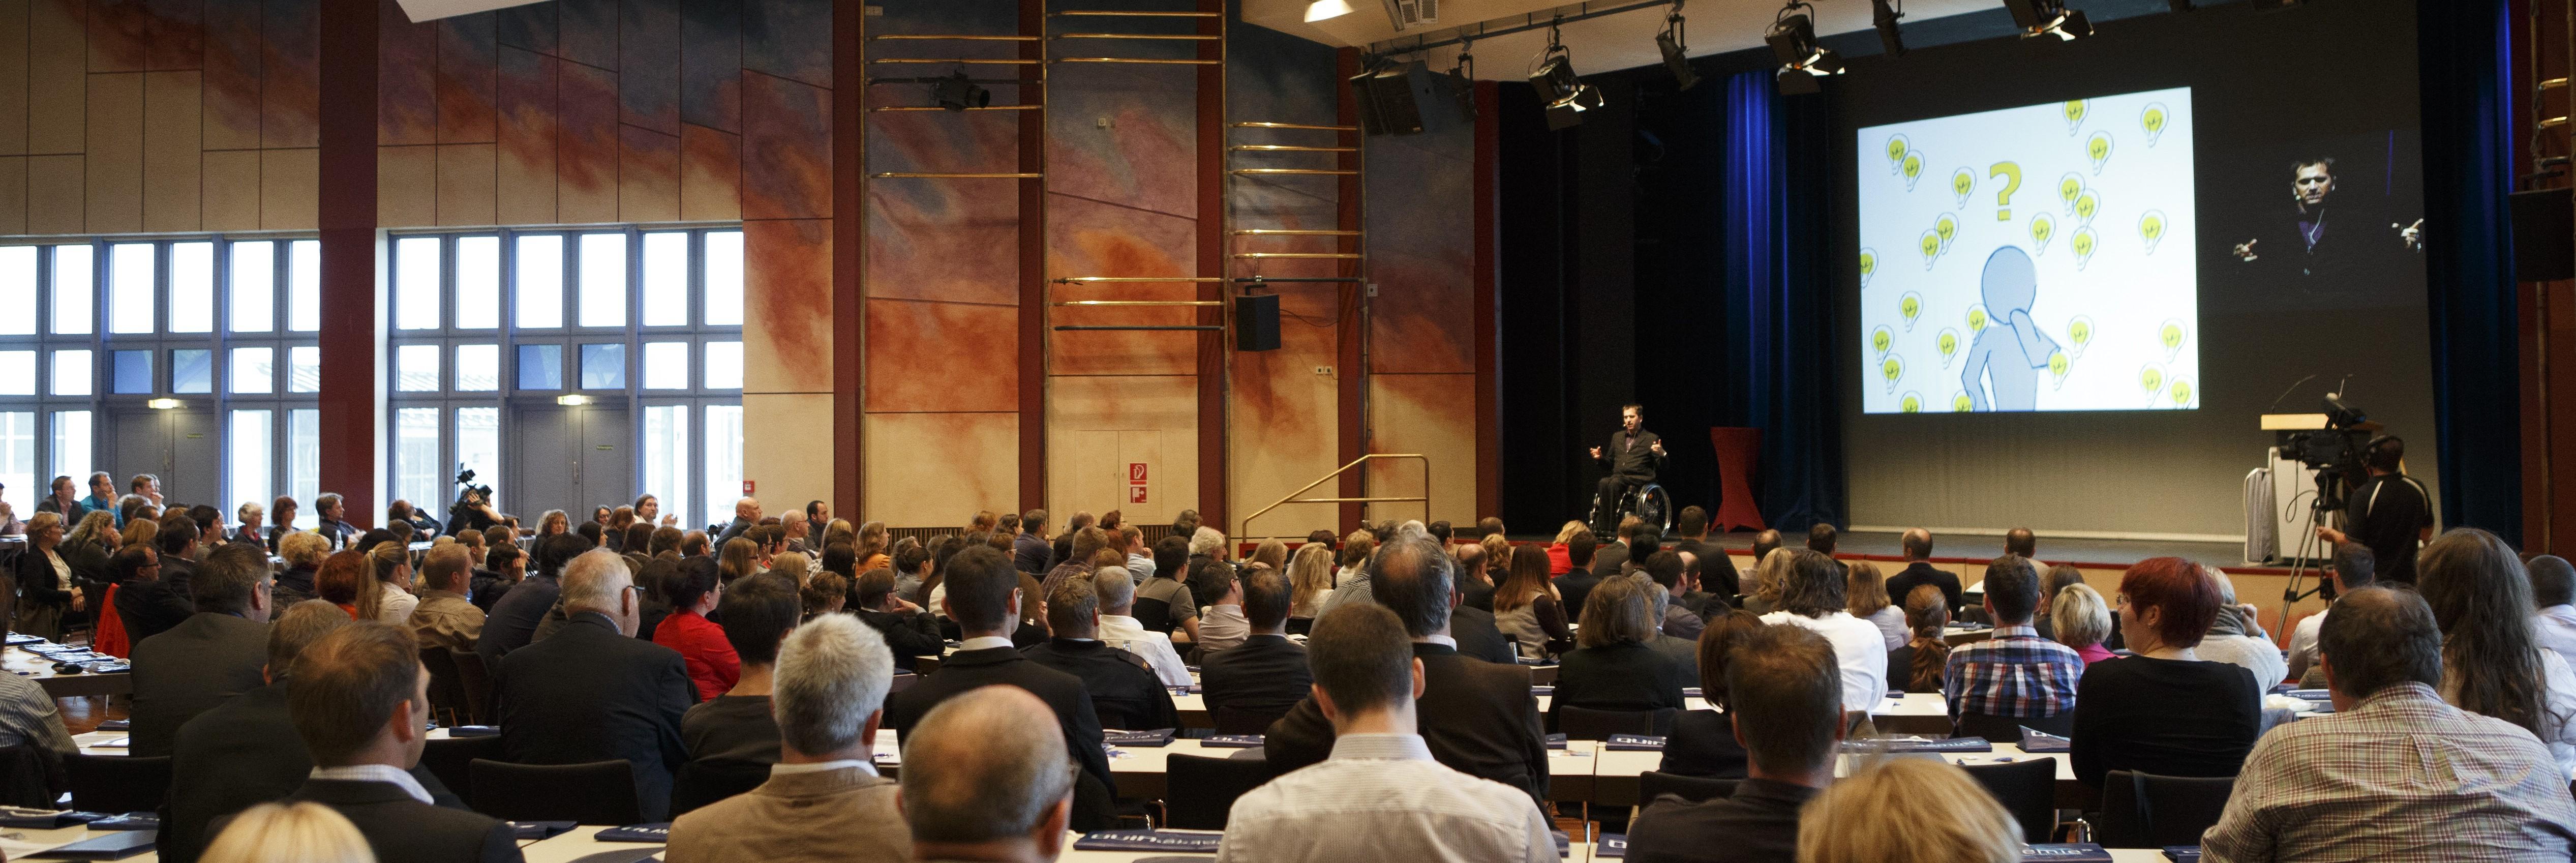 Armin Ruser Vortrag